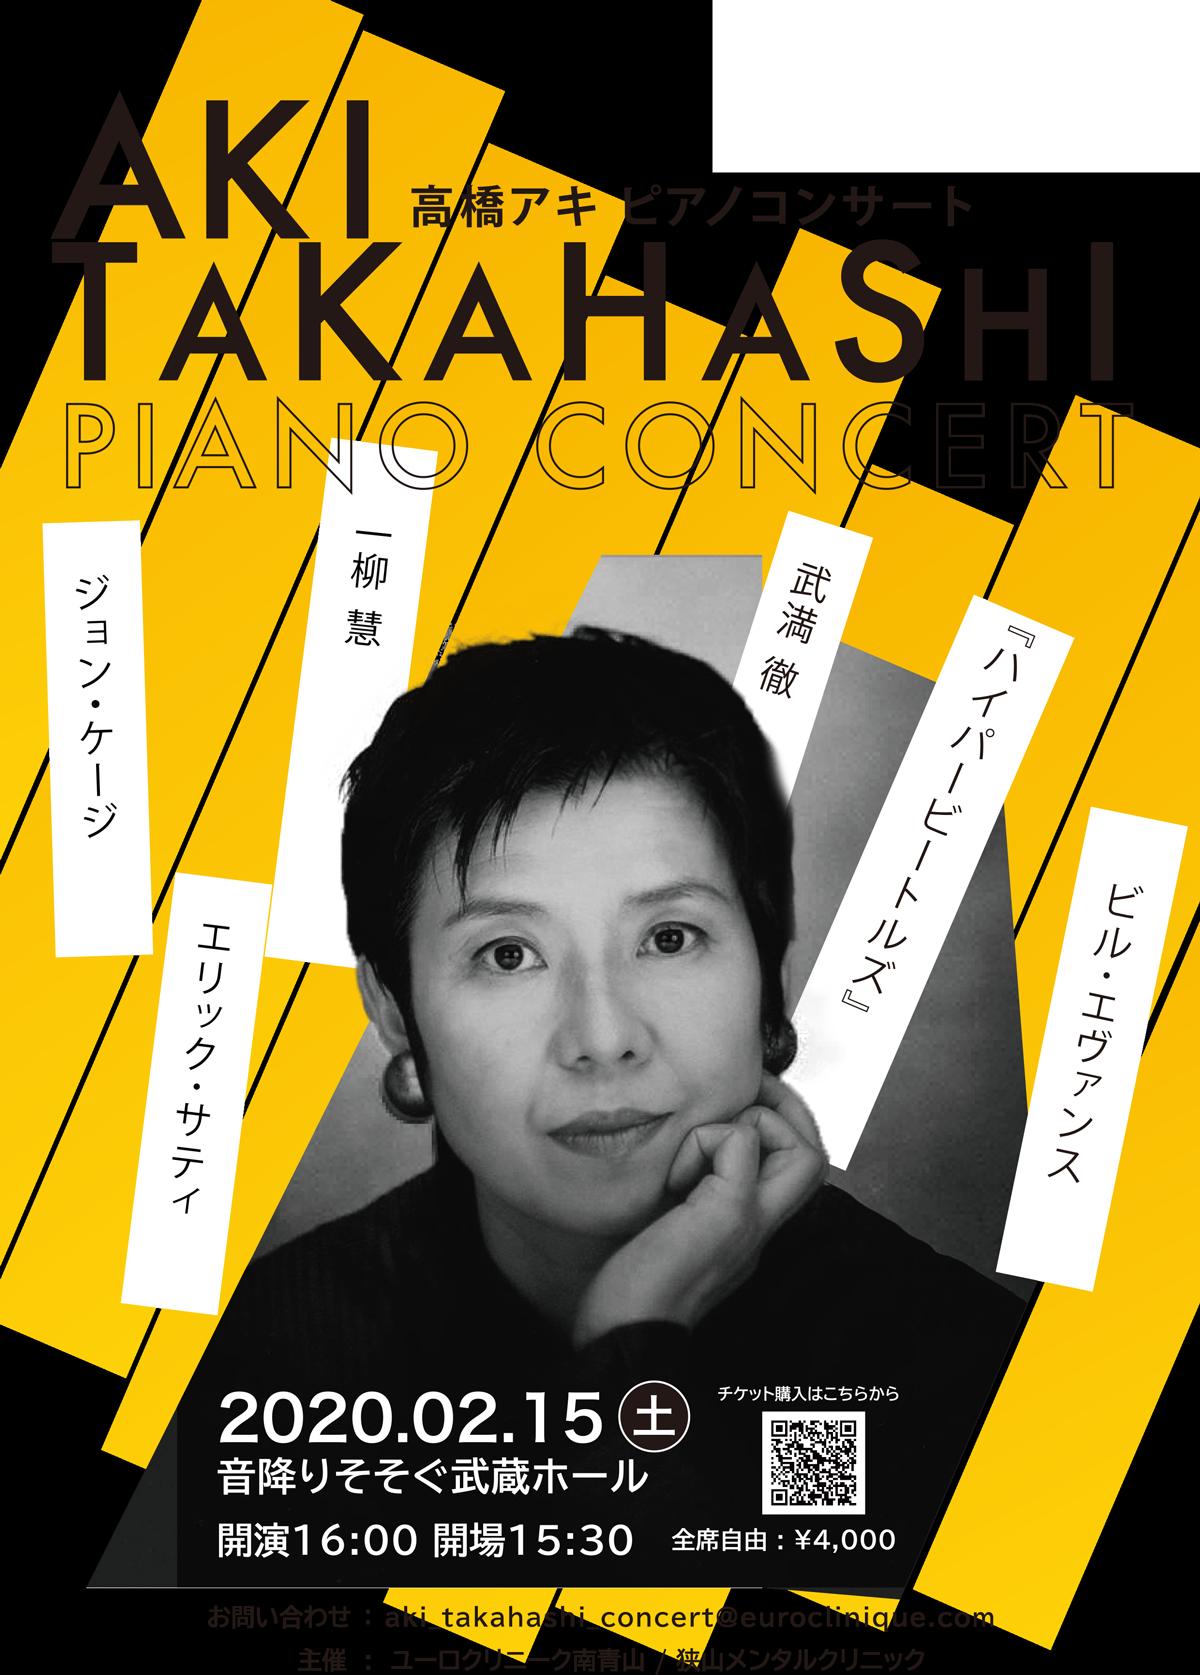 高橋アキ ピアノコンサート@音降りそそぐ武蔵ホール